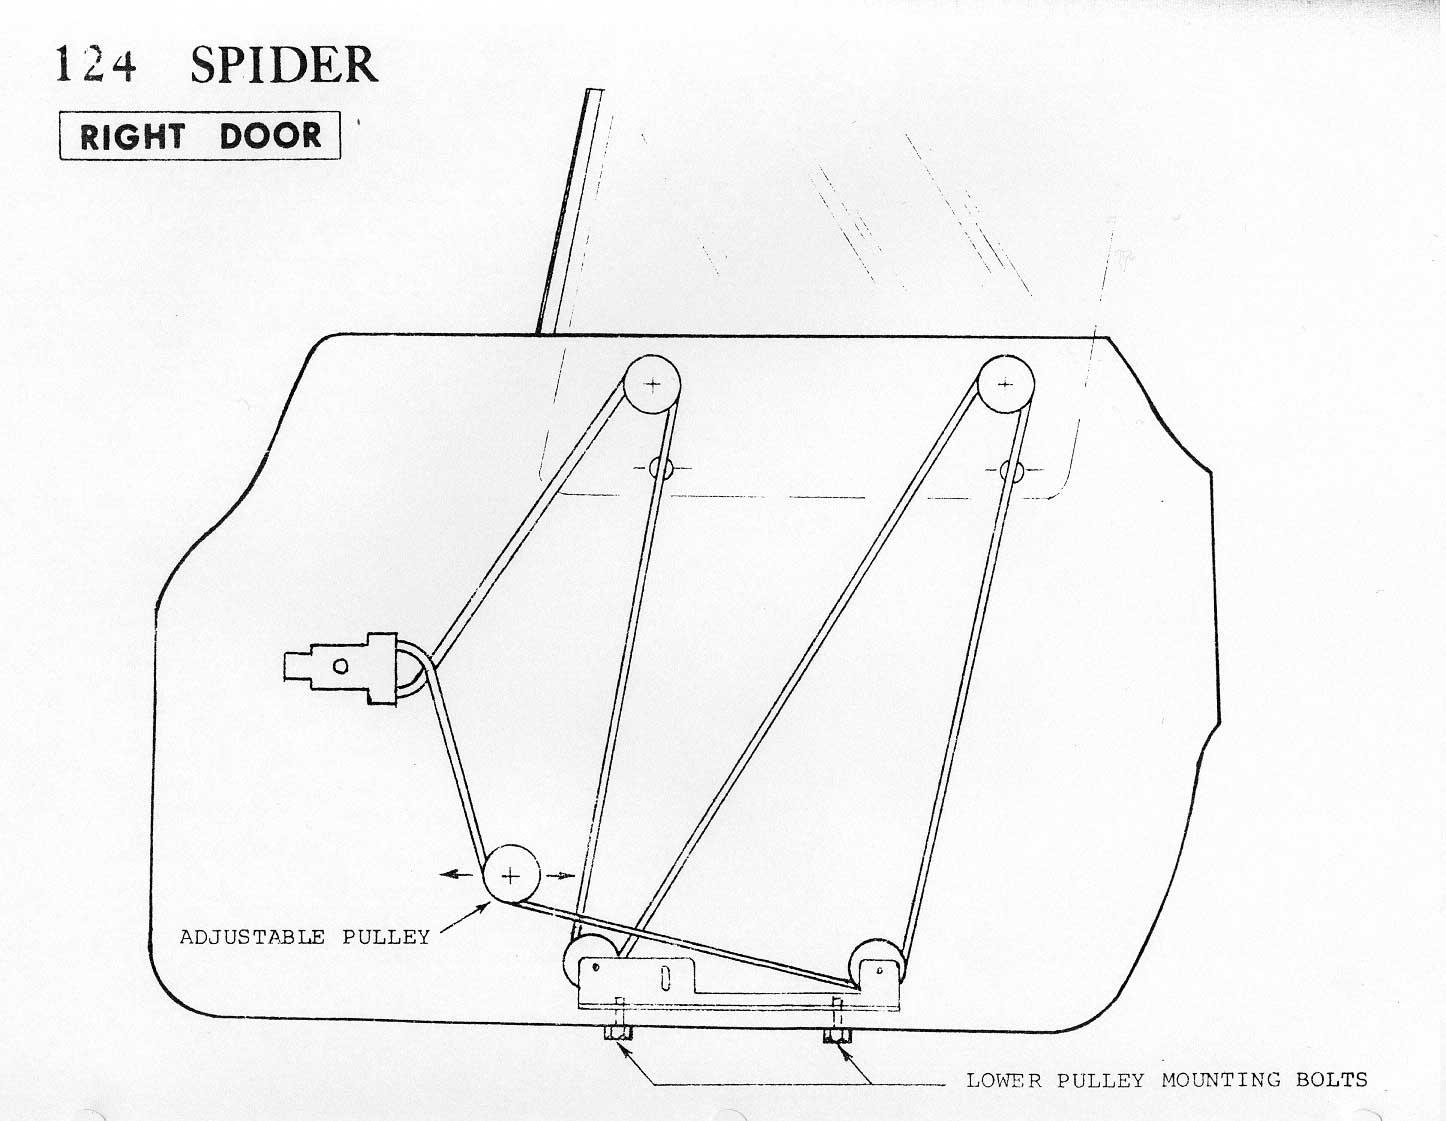 1977 datsun 280z fuse box honda del sol fuse box